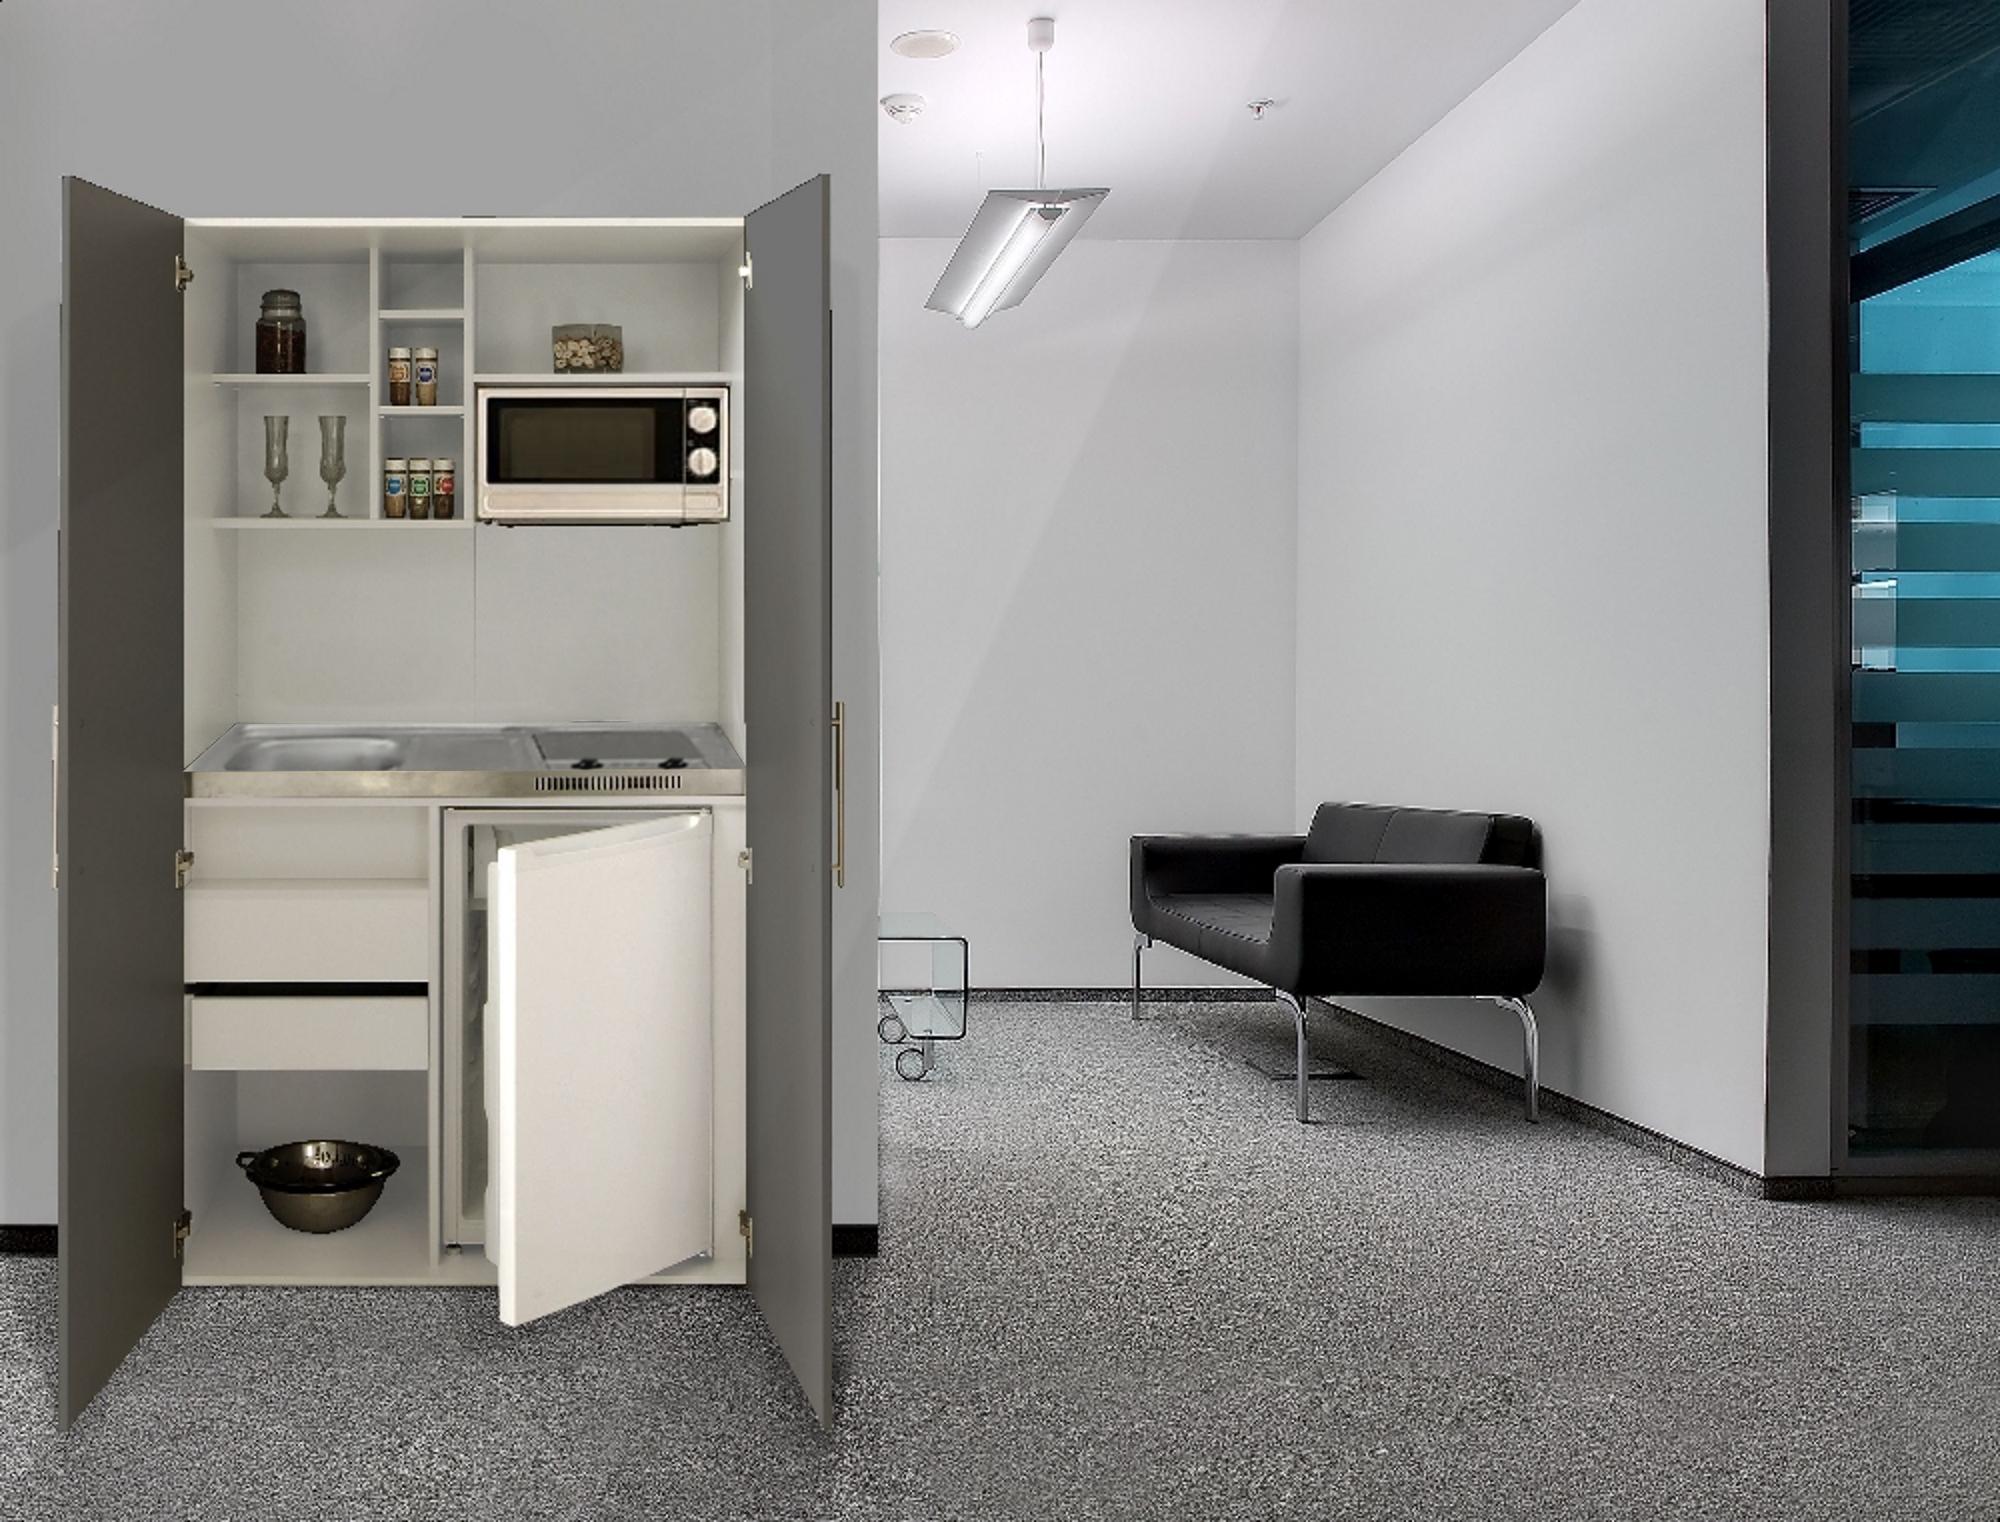 Dettagli su Cucina Armadio Cucina Mini Cucina Cucinino Ufficio Blocco  Cucina Bianco Grigio